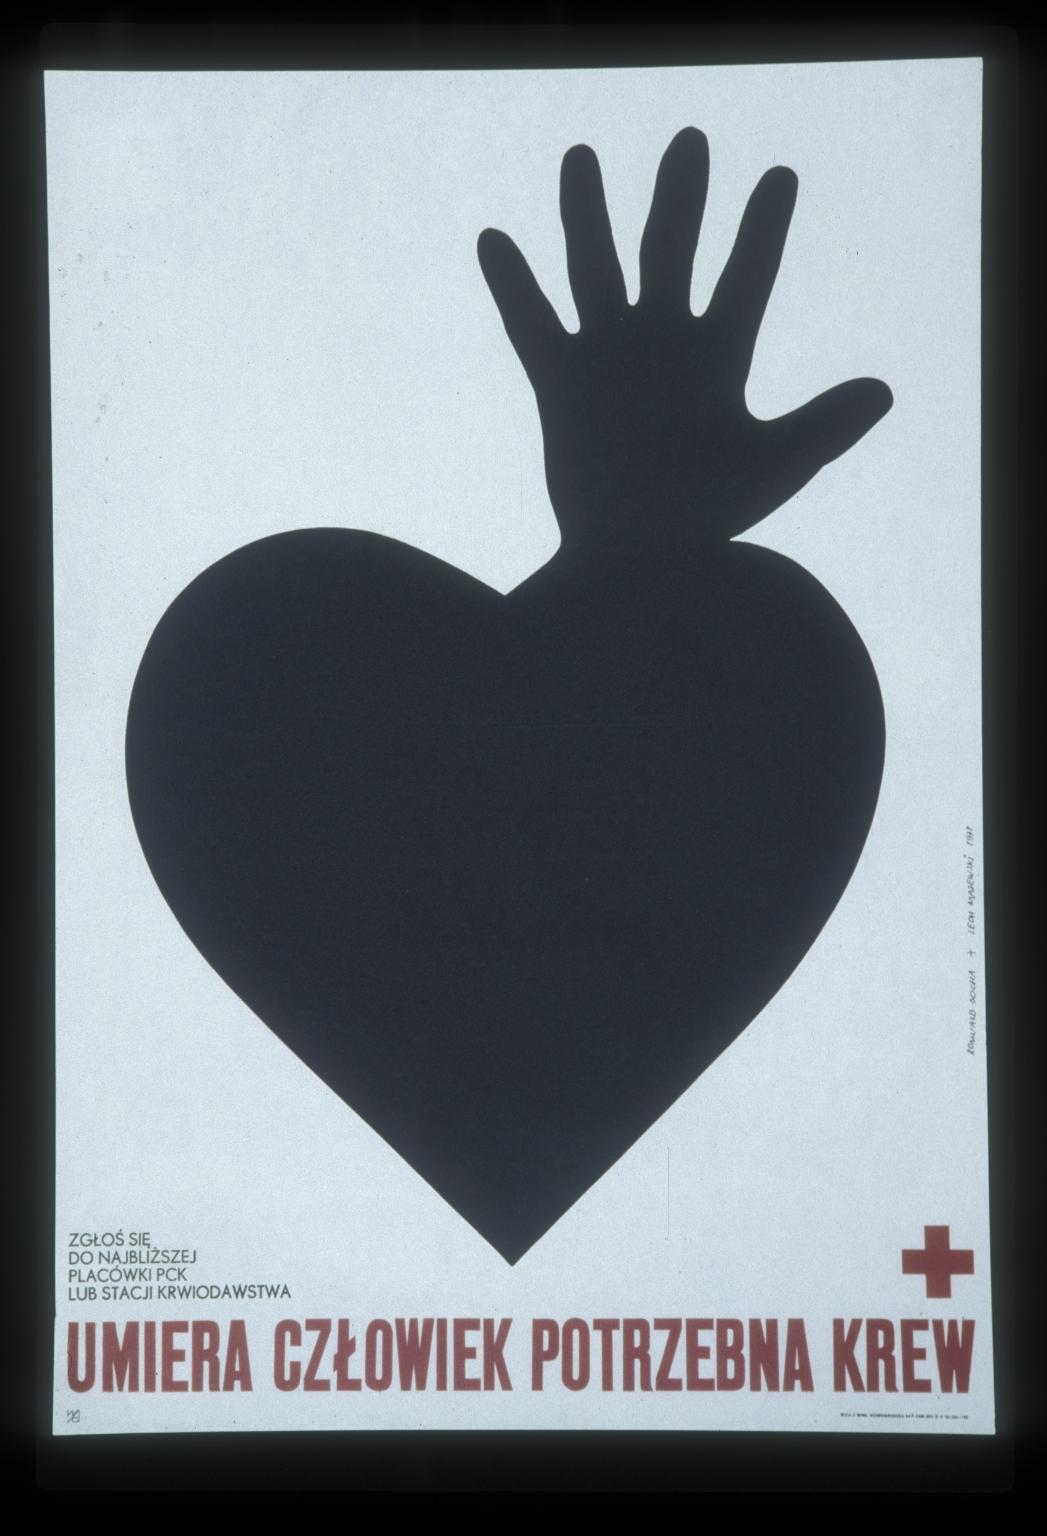 Umiera czlowiek potrzebna krew: zglos sie do najblizszej placowki PCK lub stacji krwiodawstwa